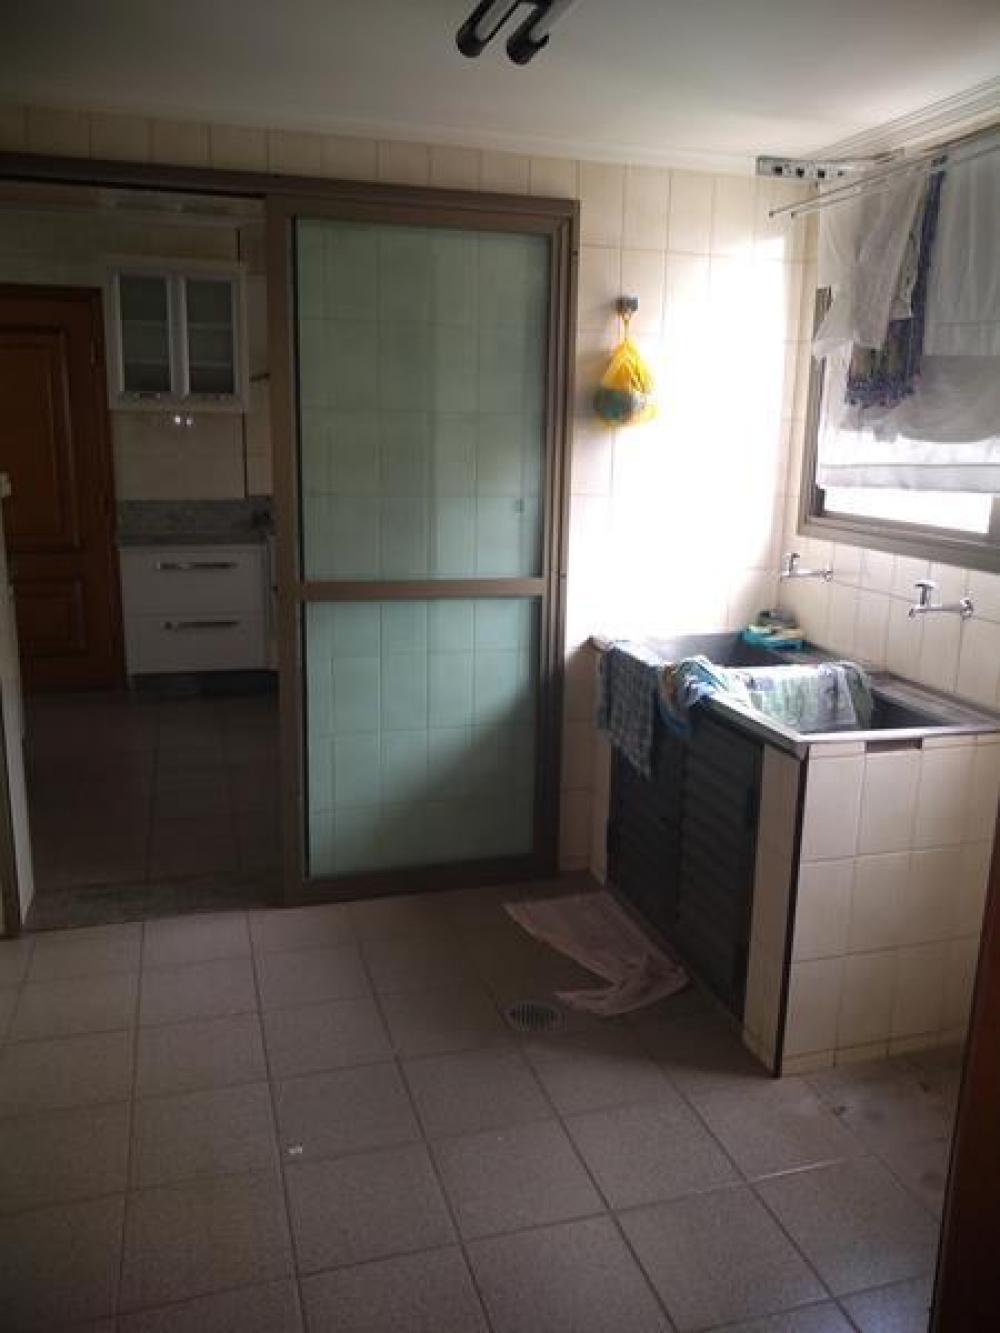 Comprar Apartamento / Padrão em SAO JOSE DO RIO PRETO apenas R$ 450.000,00 - Foto 5